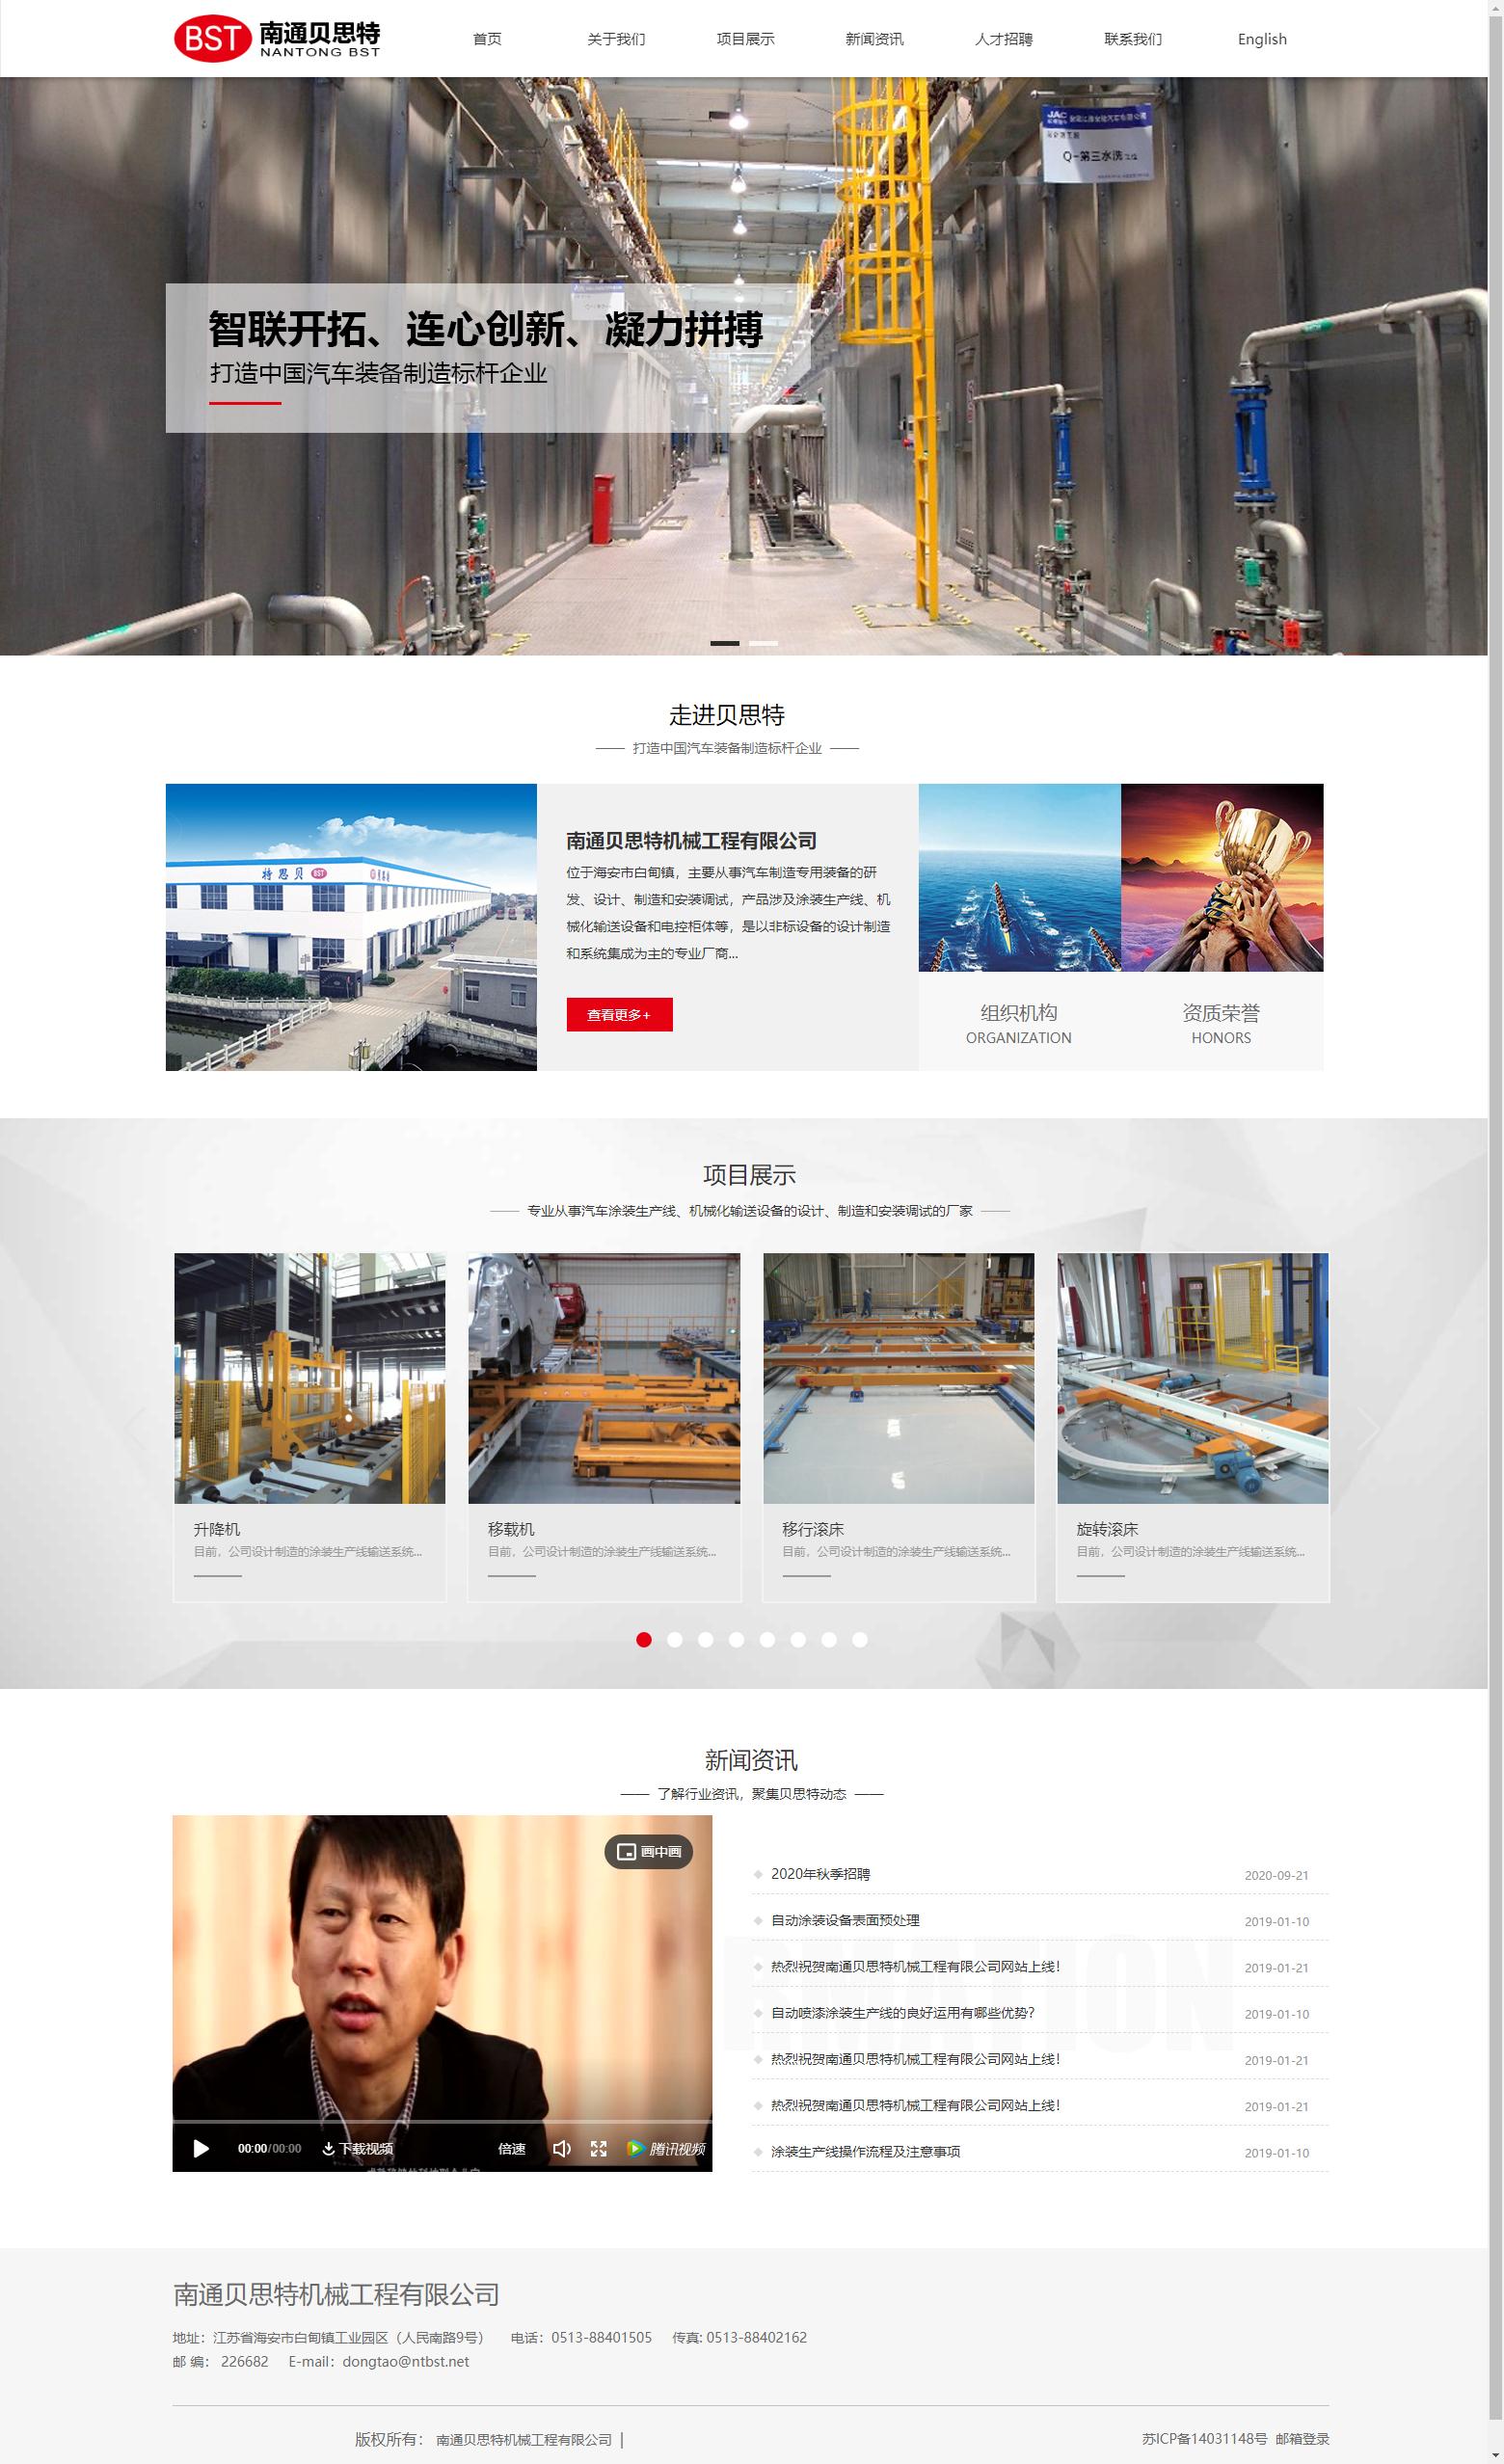 南通贝思特机械工程有限公司网站案例